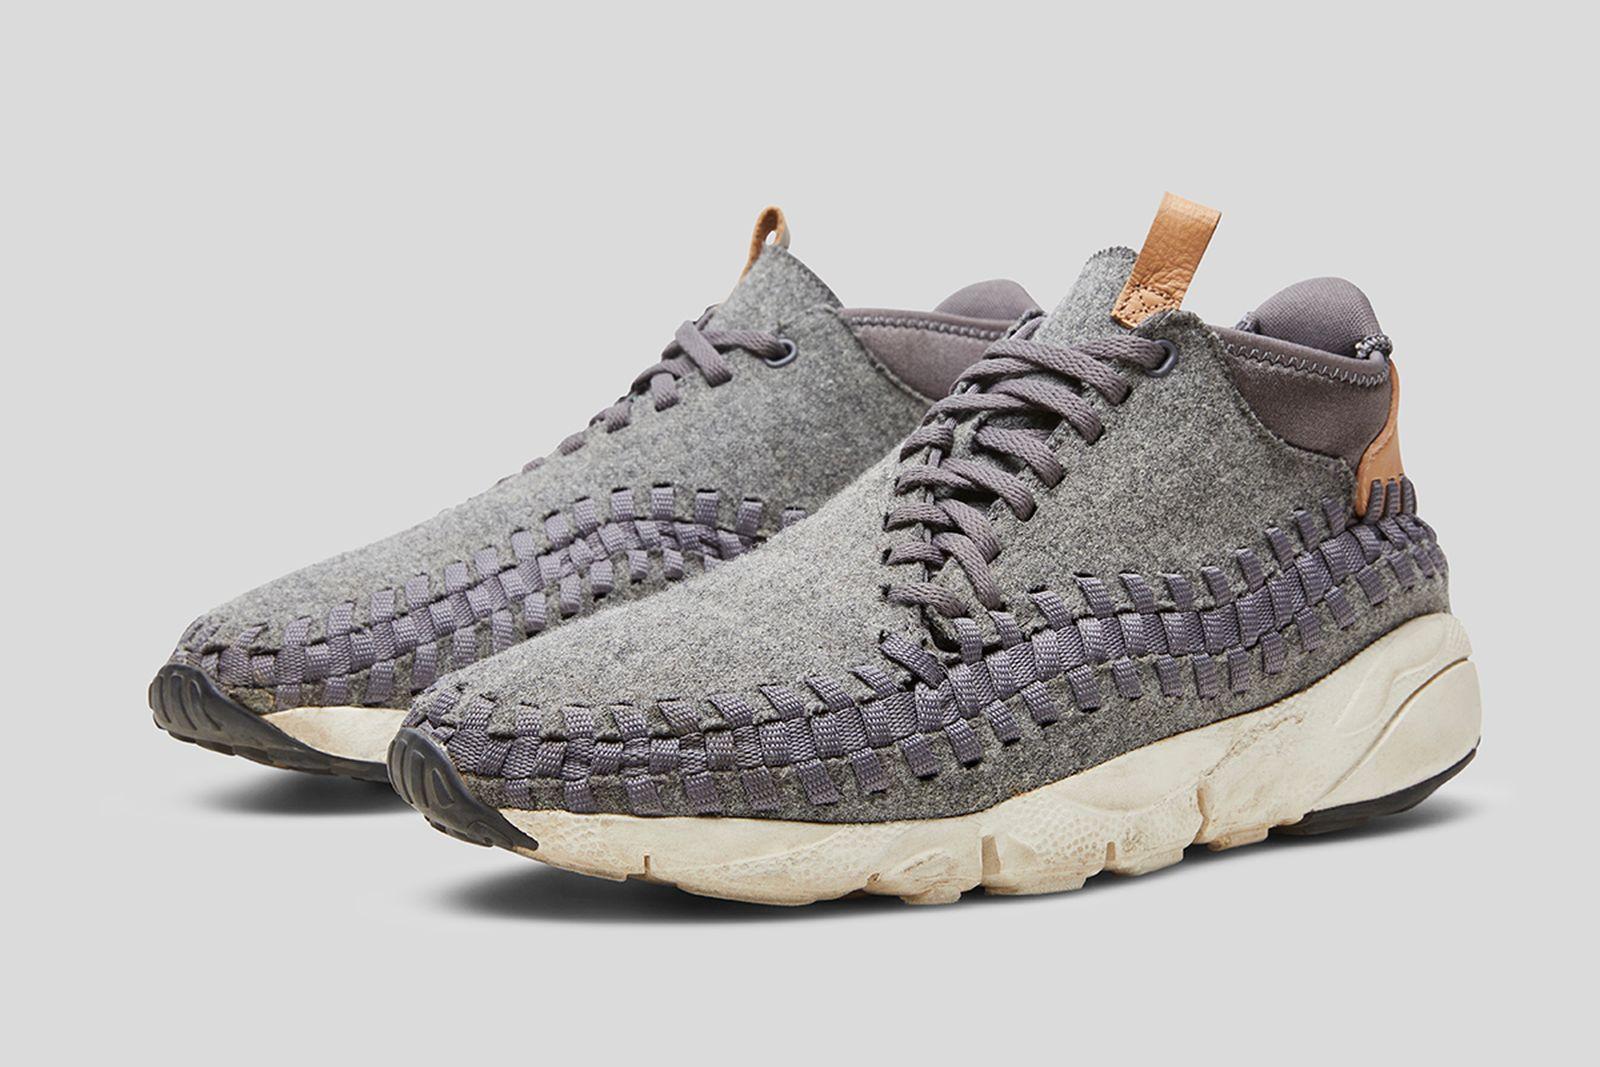 salehe-bembury-grailed-sneaker-sale-01